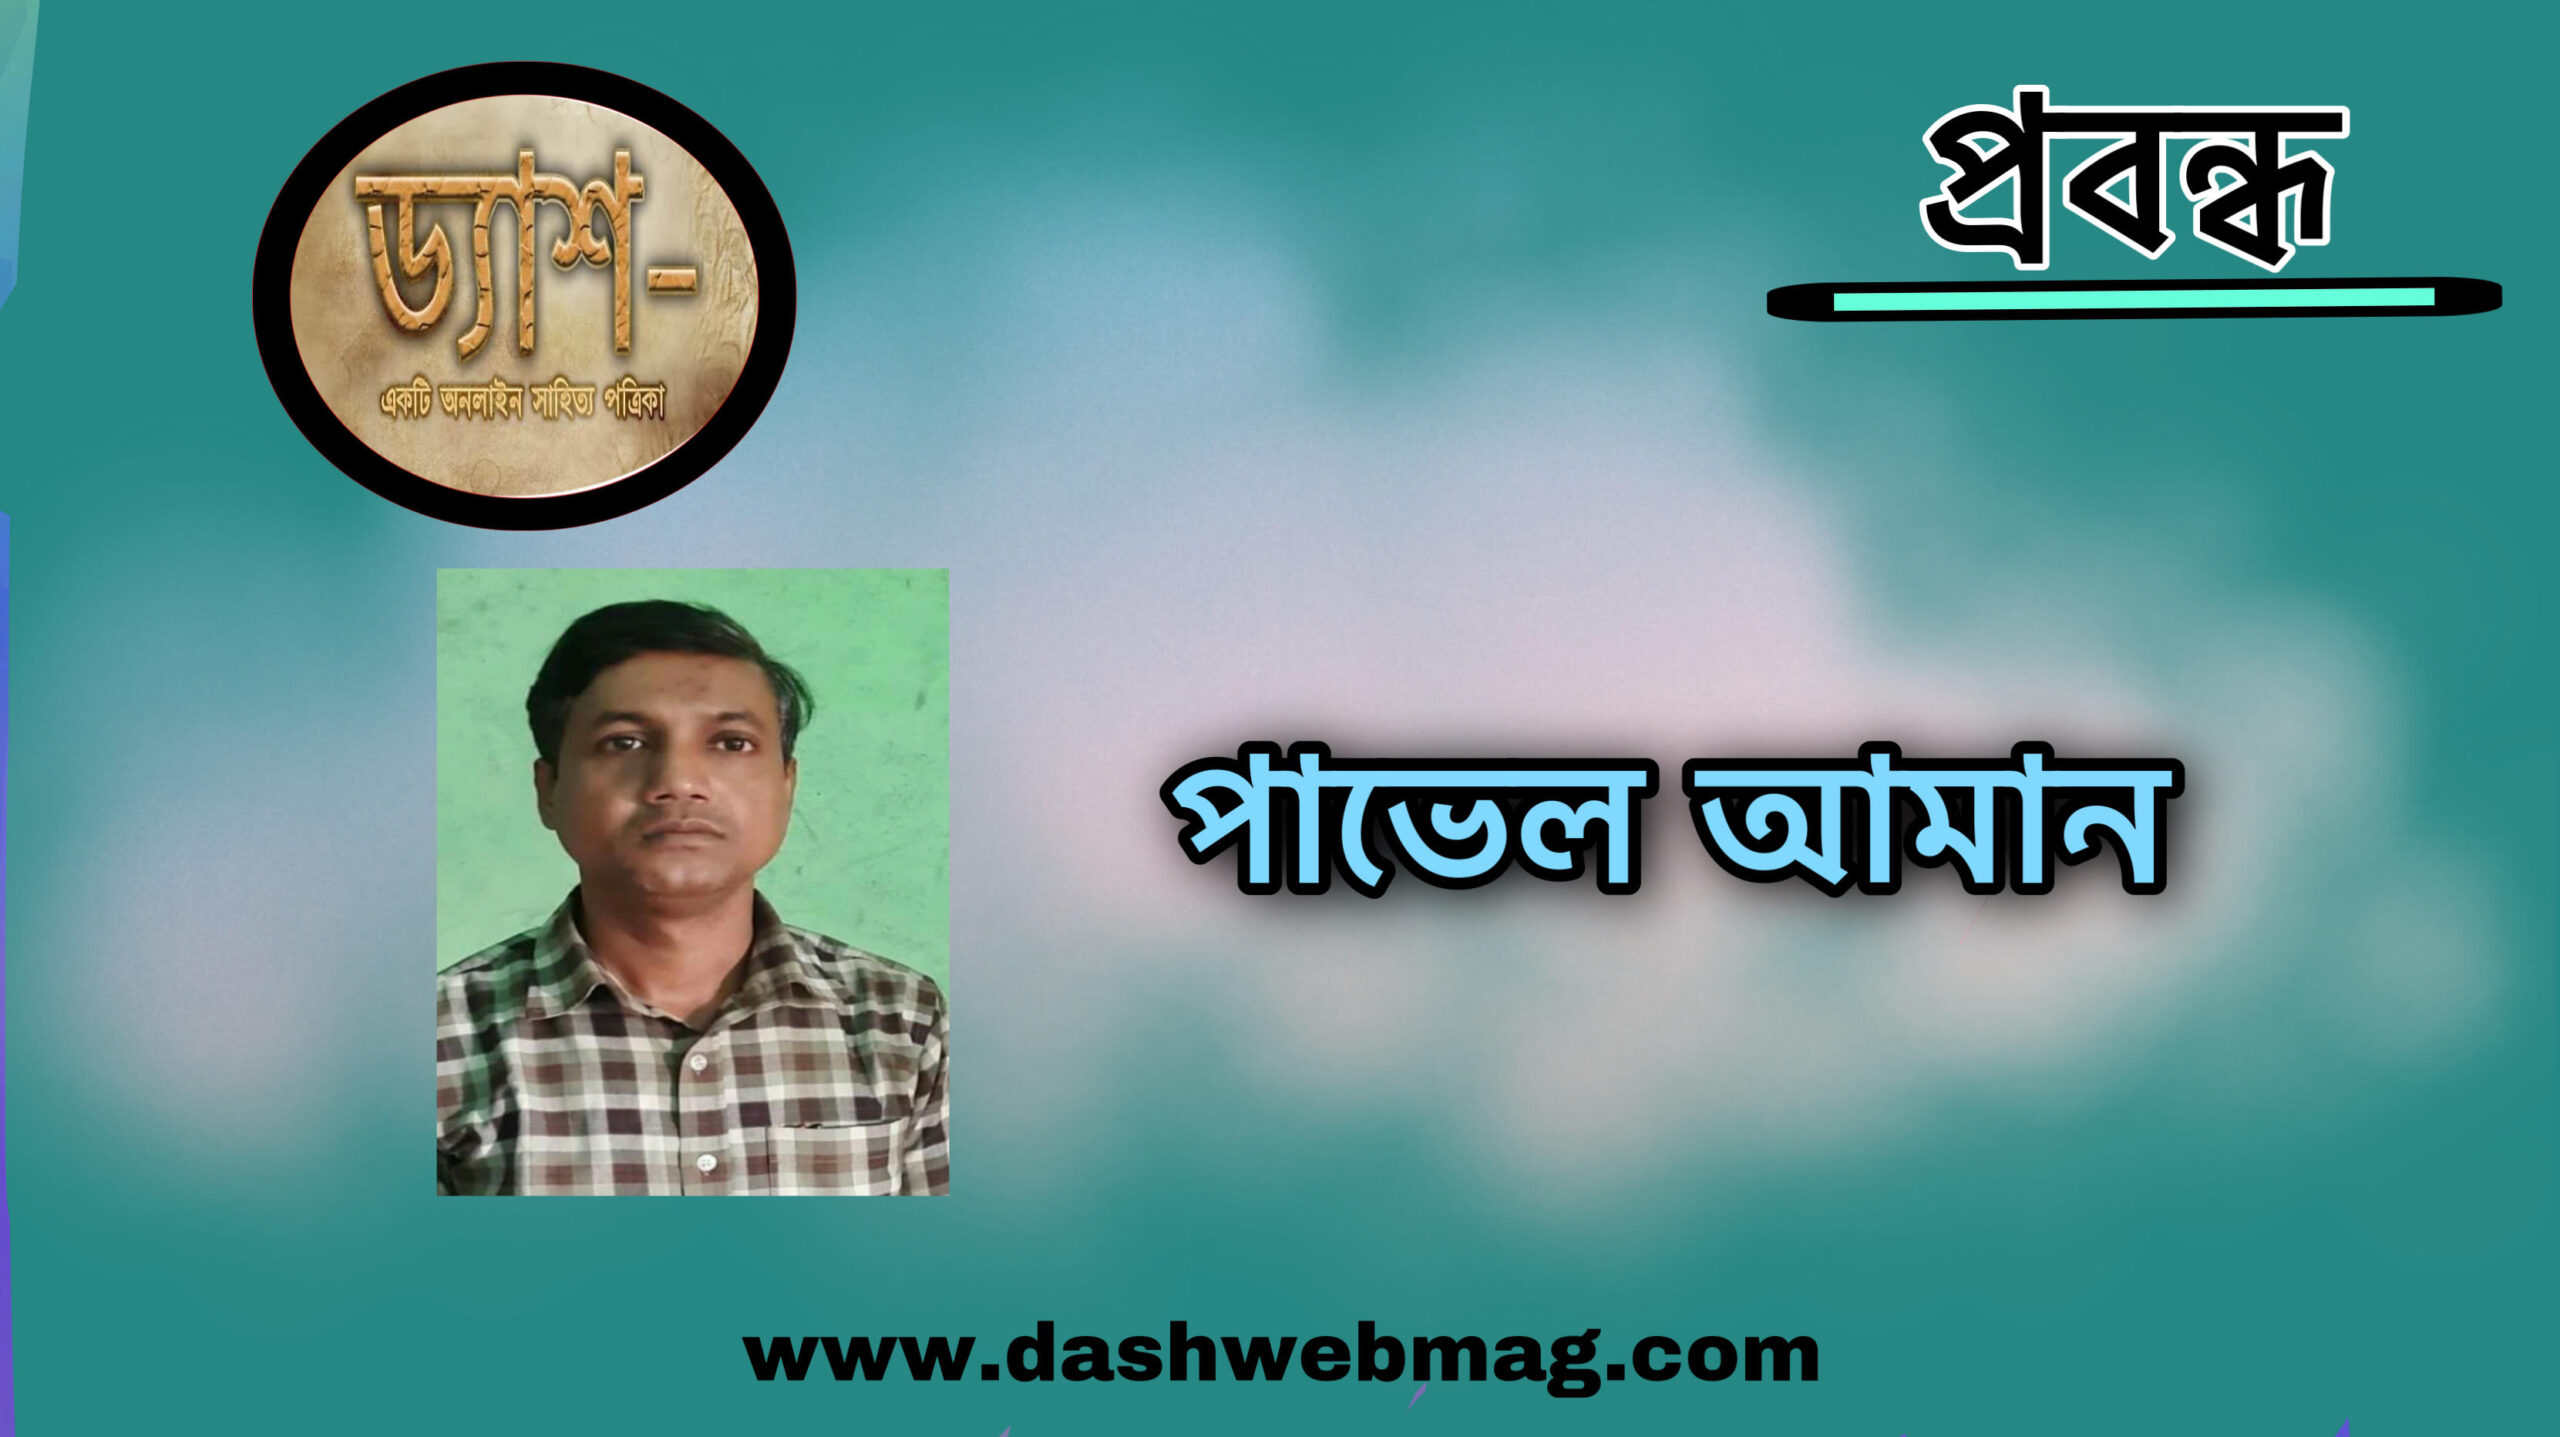 প্রবন্ধঃ ভারতের অবিসংবাদিত মুসলিম জননেতা সৈয়দ বদরুদ্দোজা